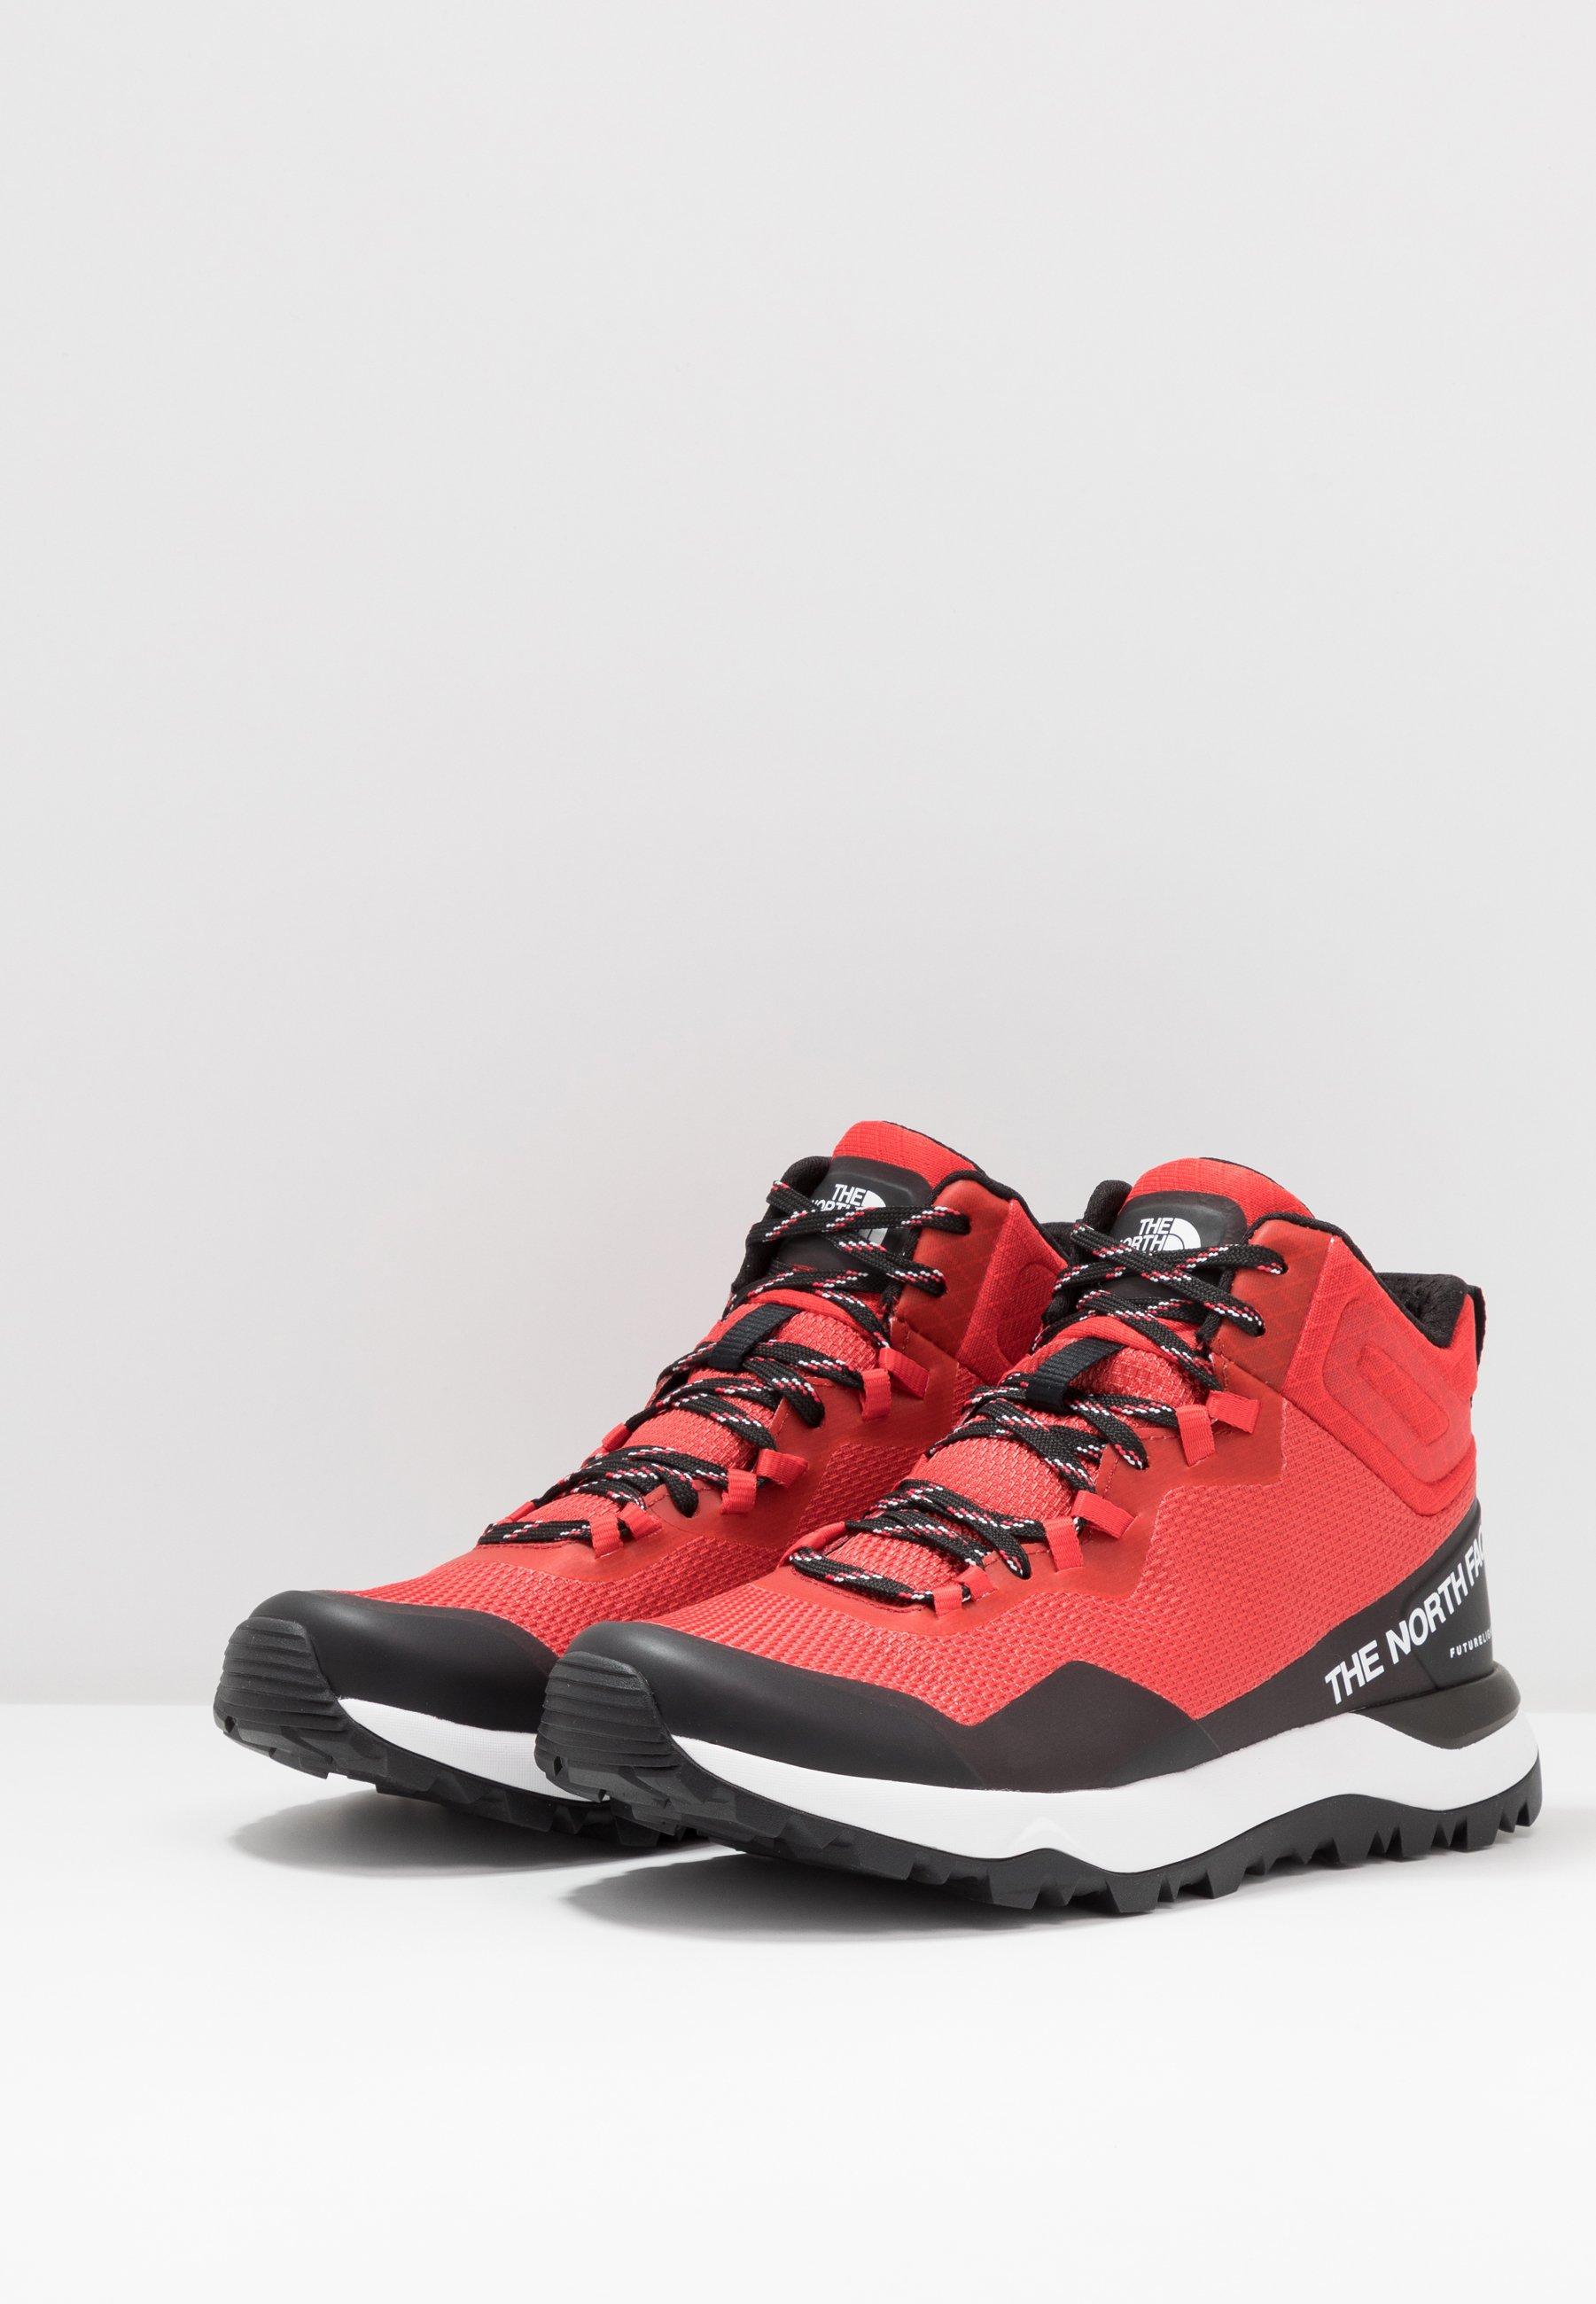 W ACTIVIST MID FUTURELIGHT Hikingskor cayenne redblack